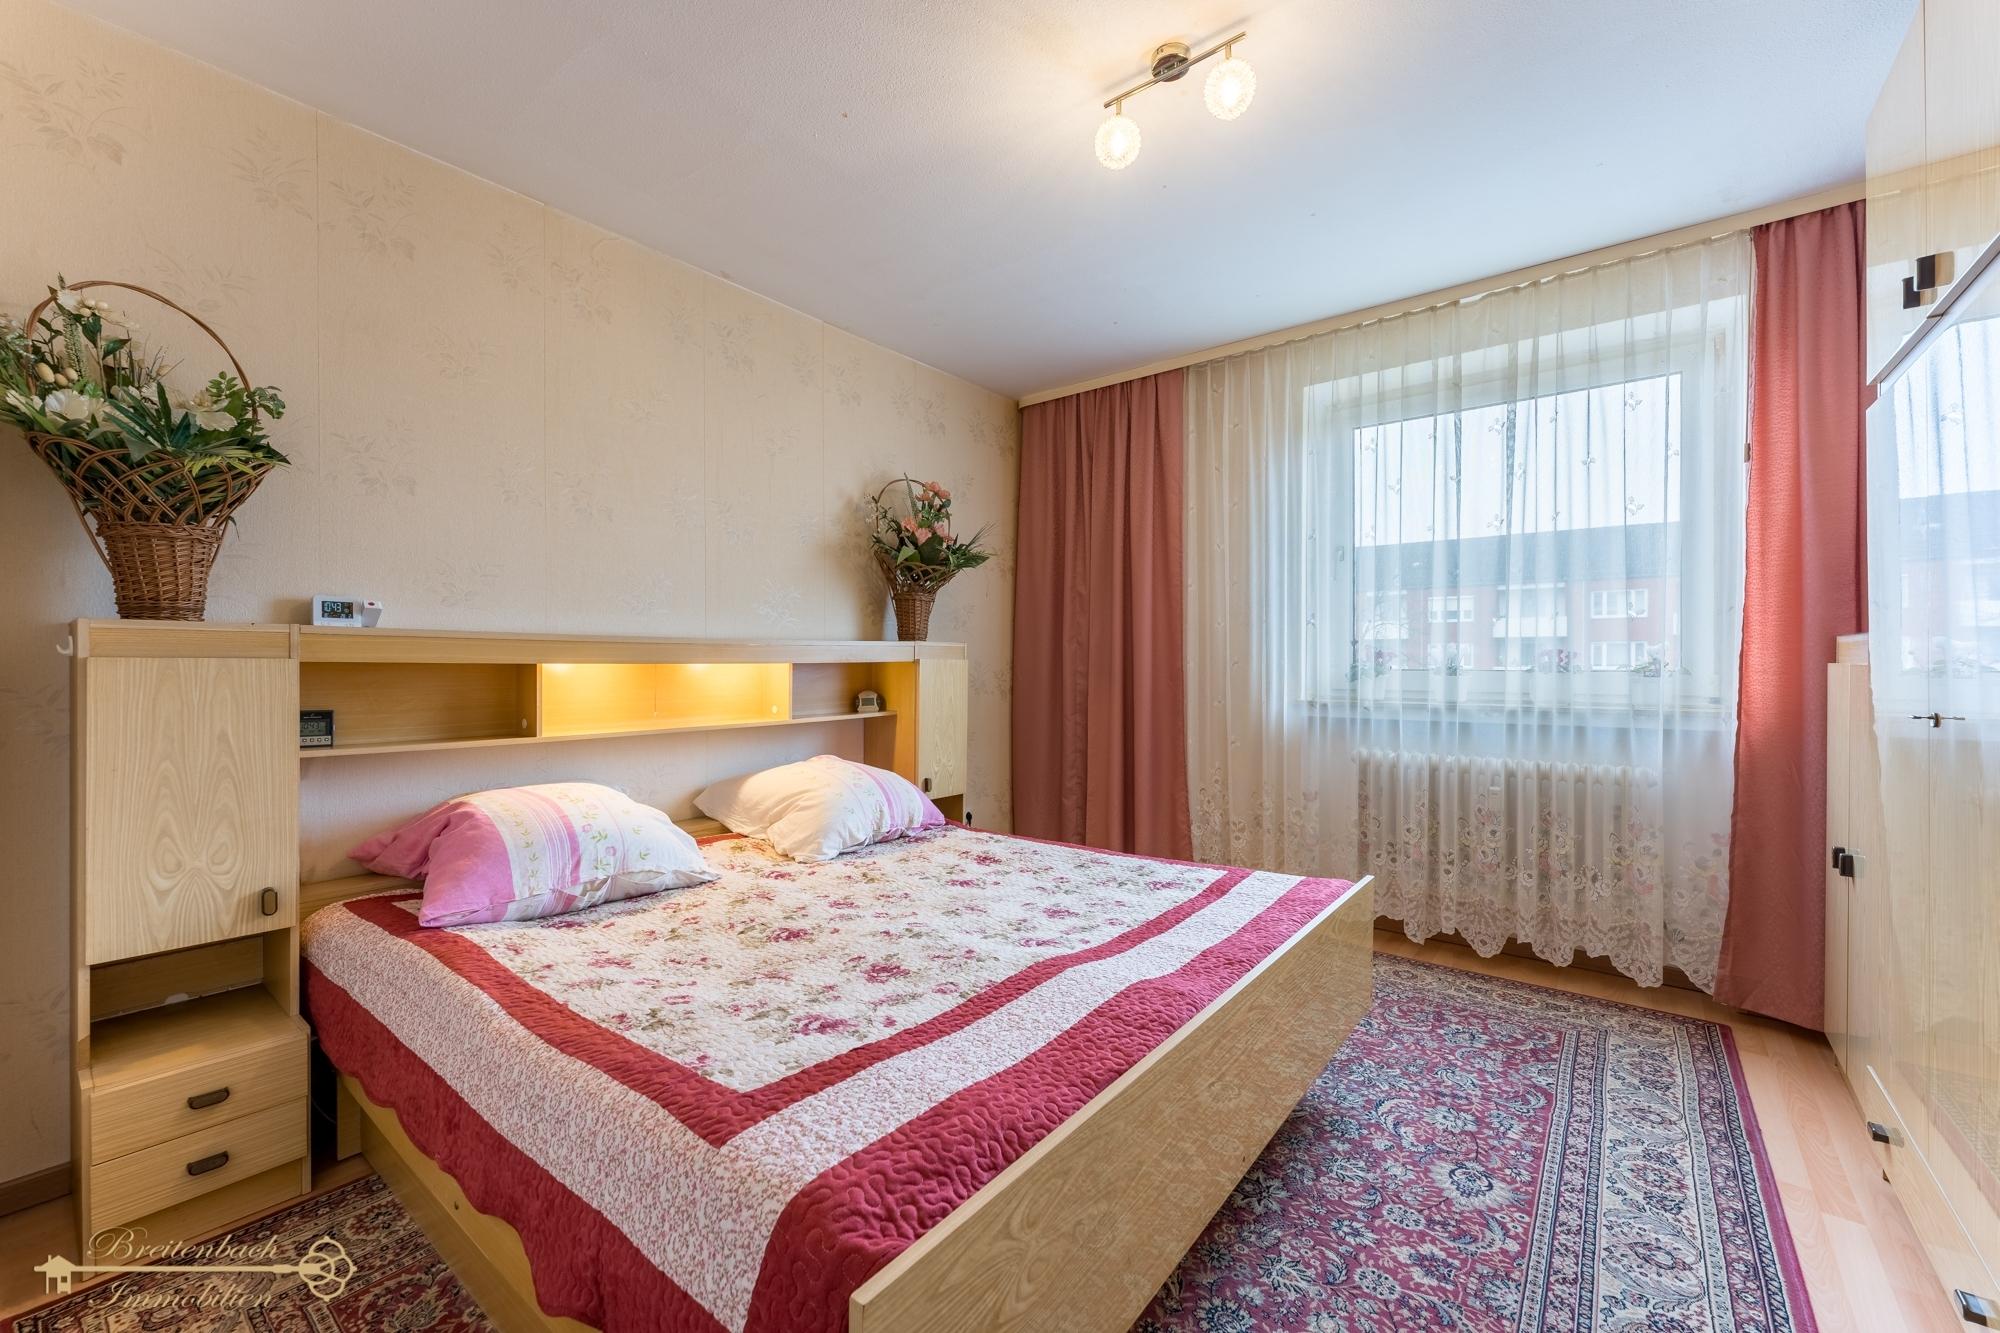 2021-02-28-Breitenbach-Immobilien-Makler-Bremen-1